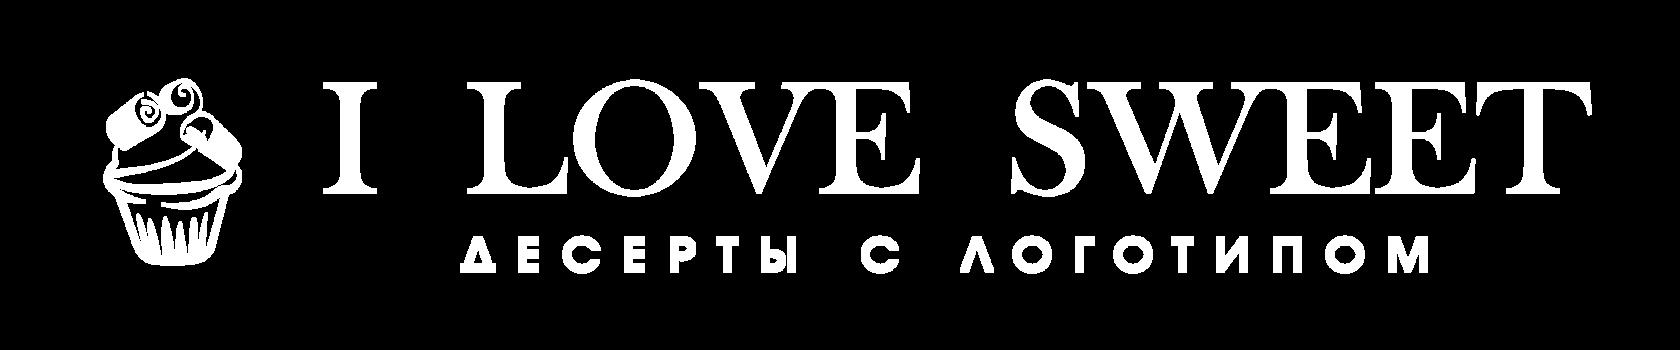 ОНЛАЙН-КОНДИТЕРСКАЯ I LOVE SWEET